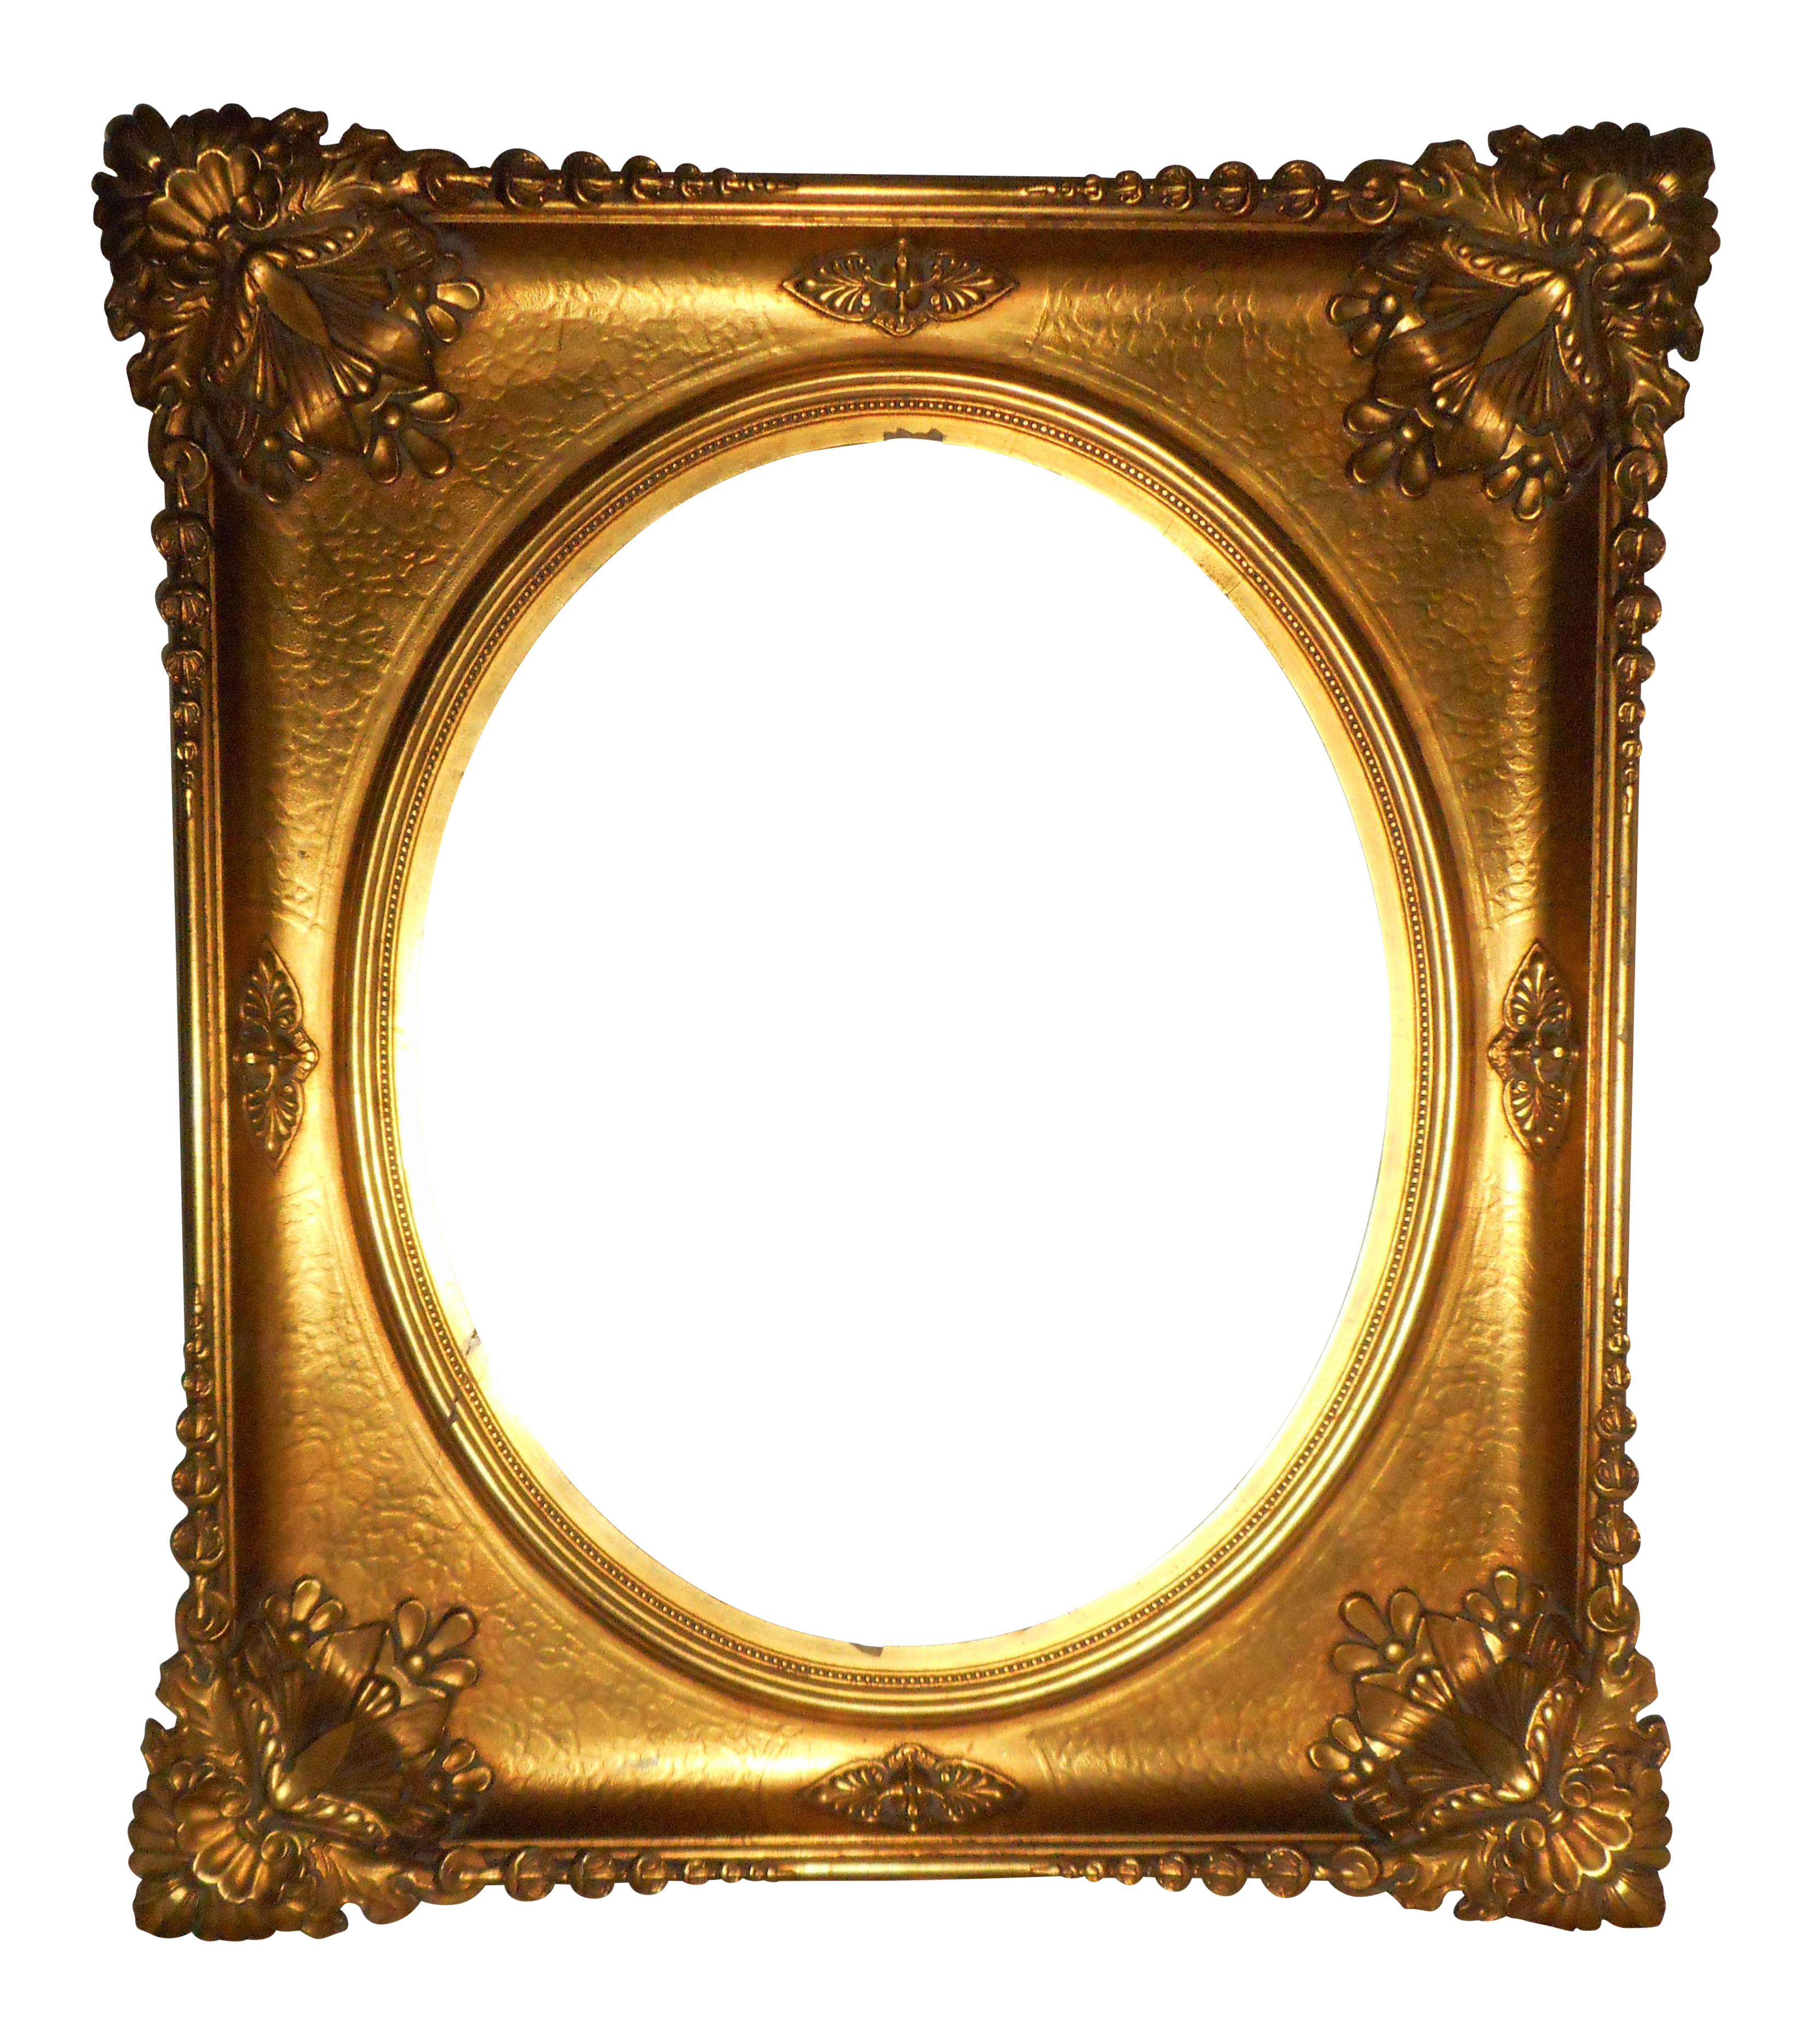 Vintage used picture frames. Oval gold frame png